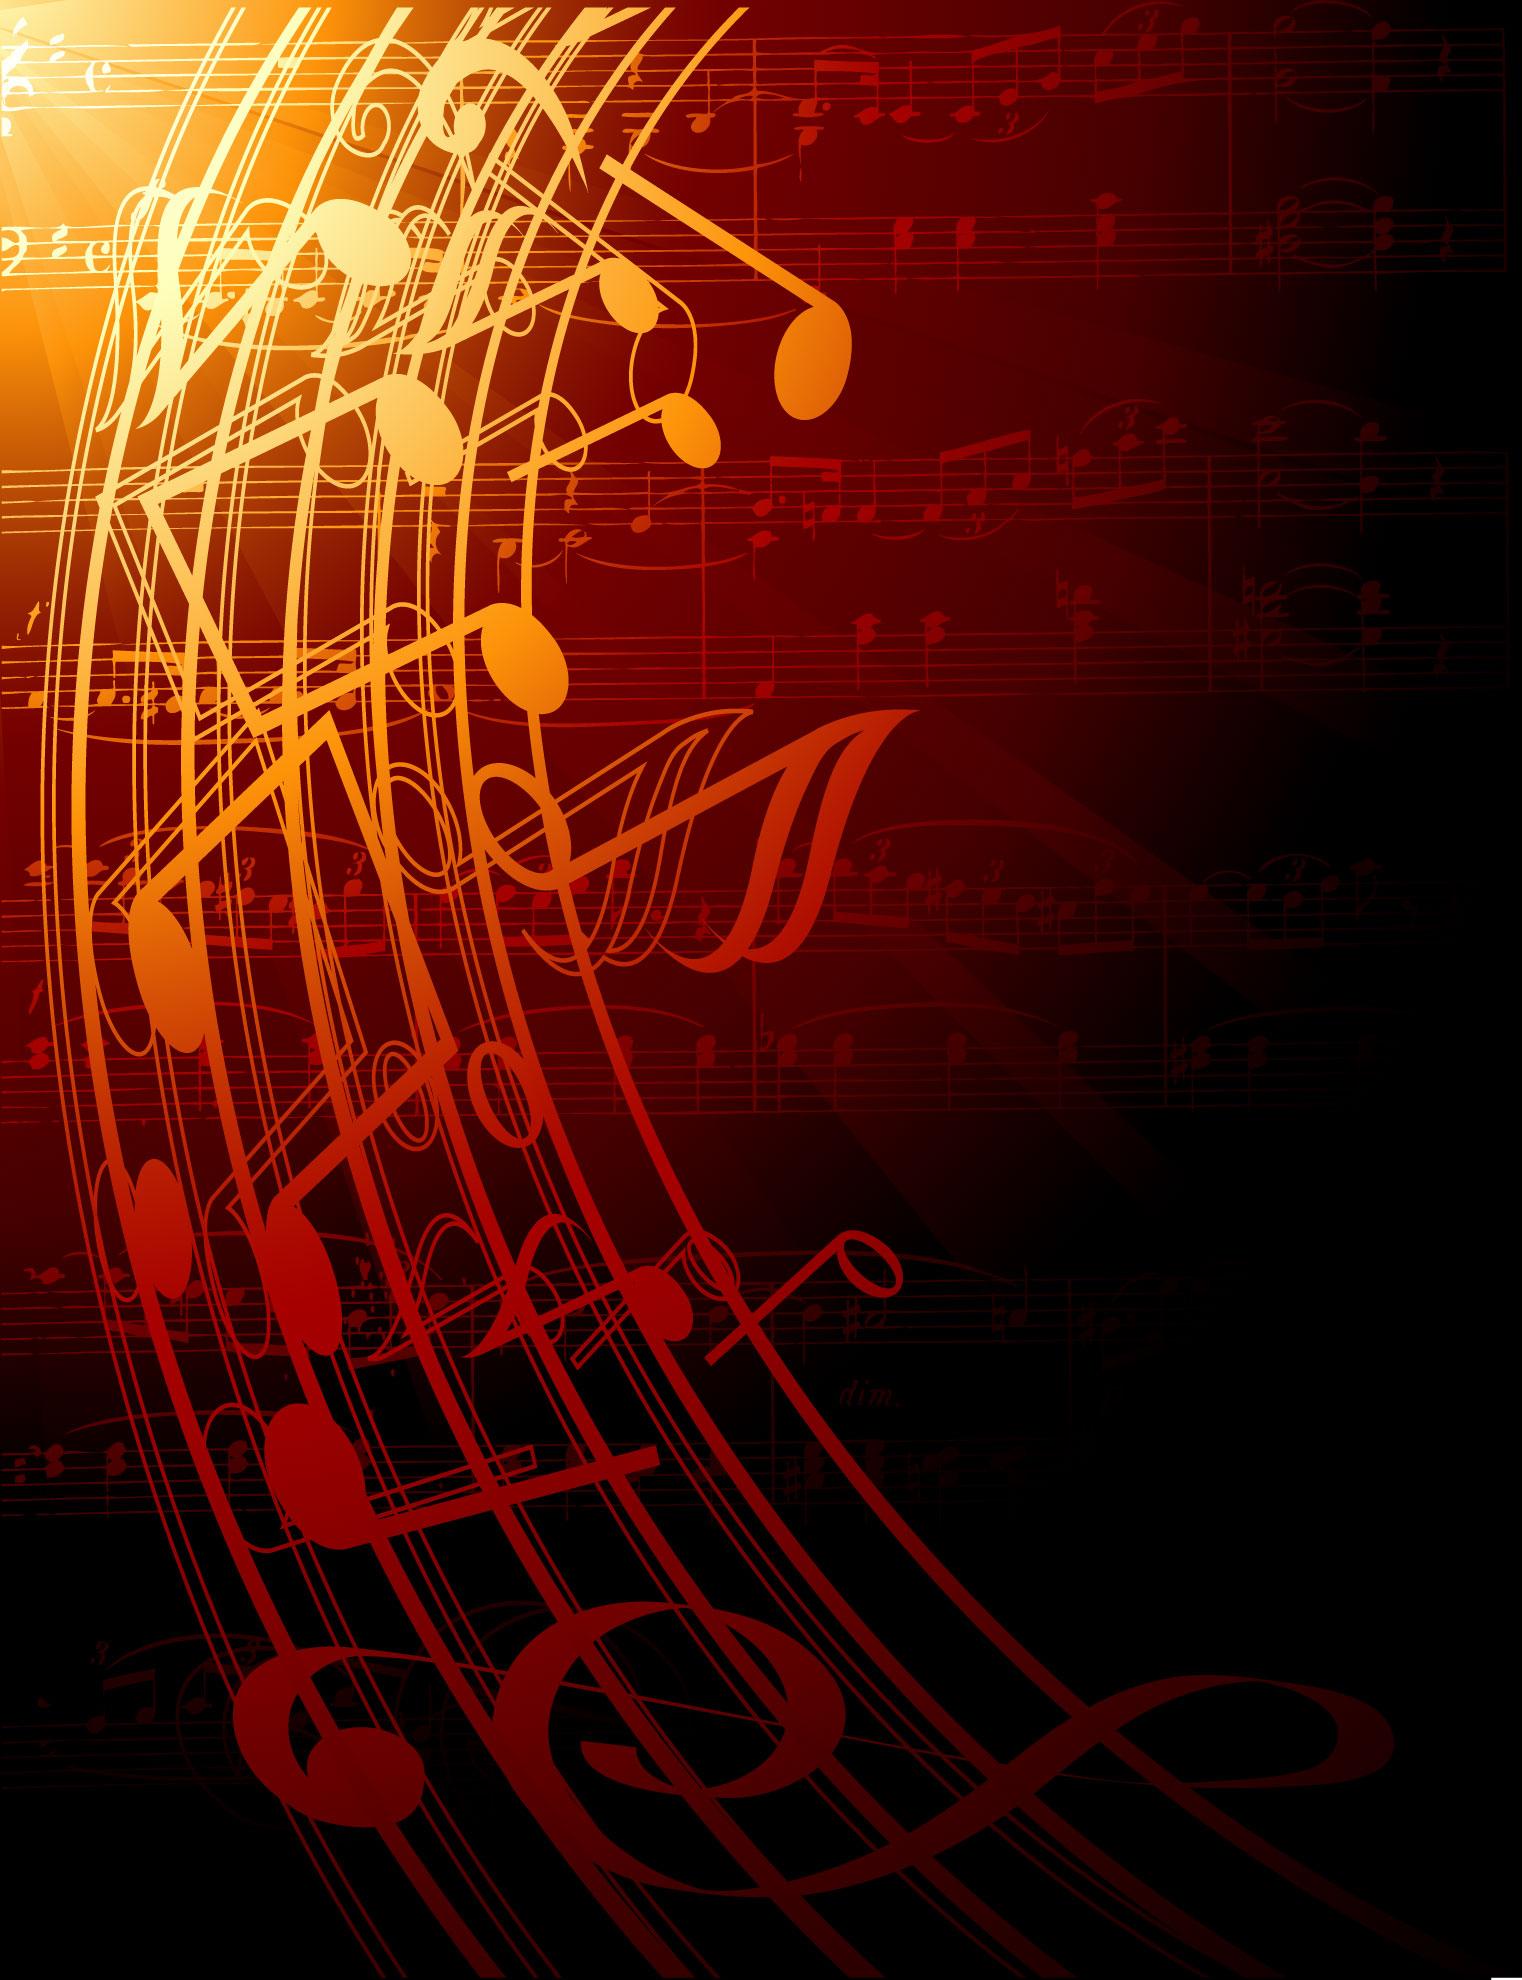 音符イラスト ゴージャスイメージ3 無料のフリー素材